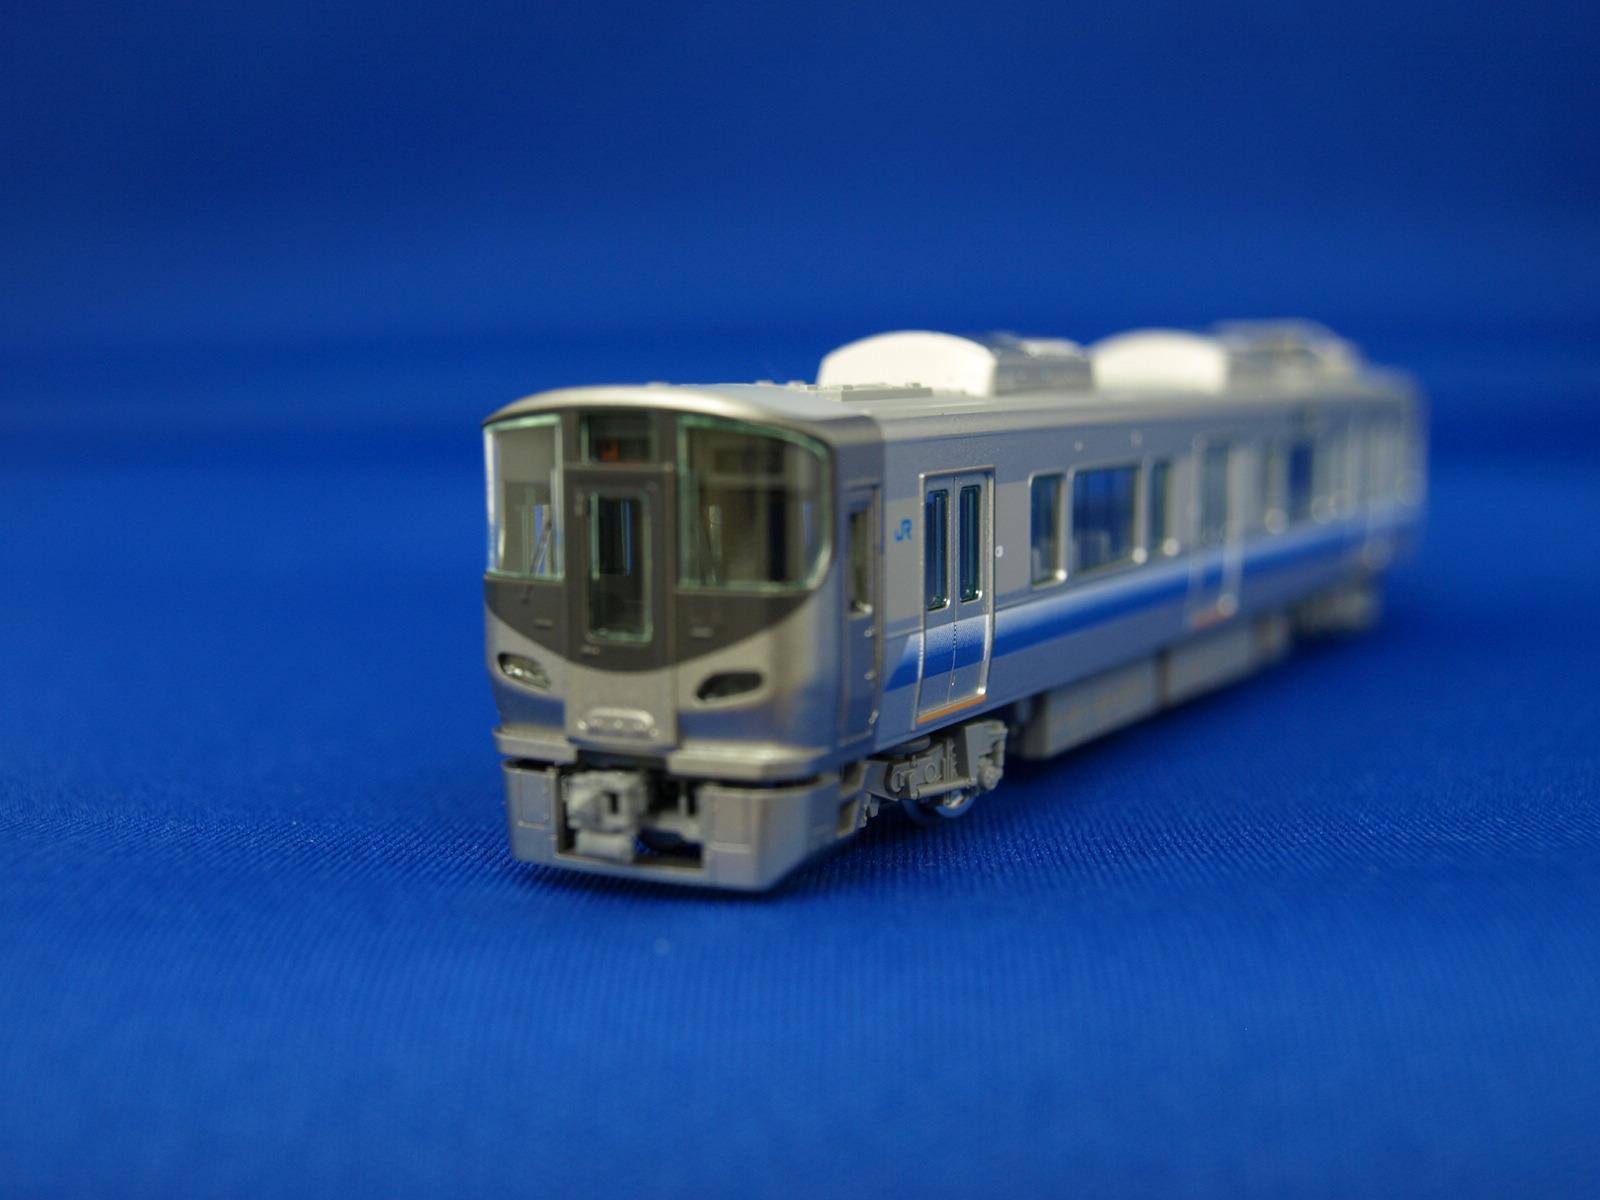 Nゲージ トミックス 98624 JR 225-5100系近郊電車(阪和線6両)セット